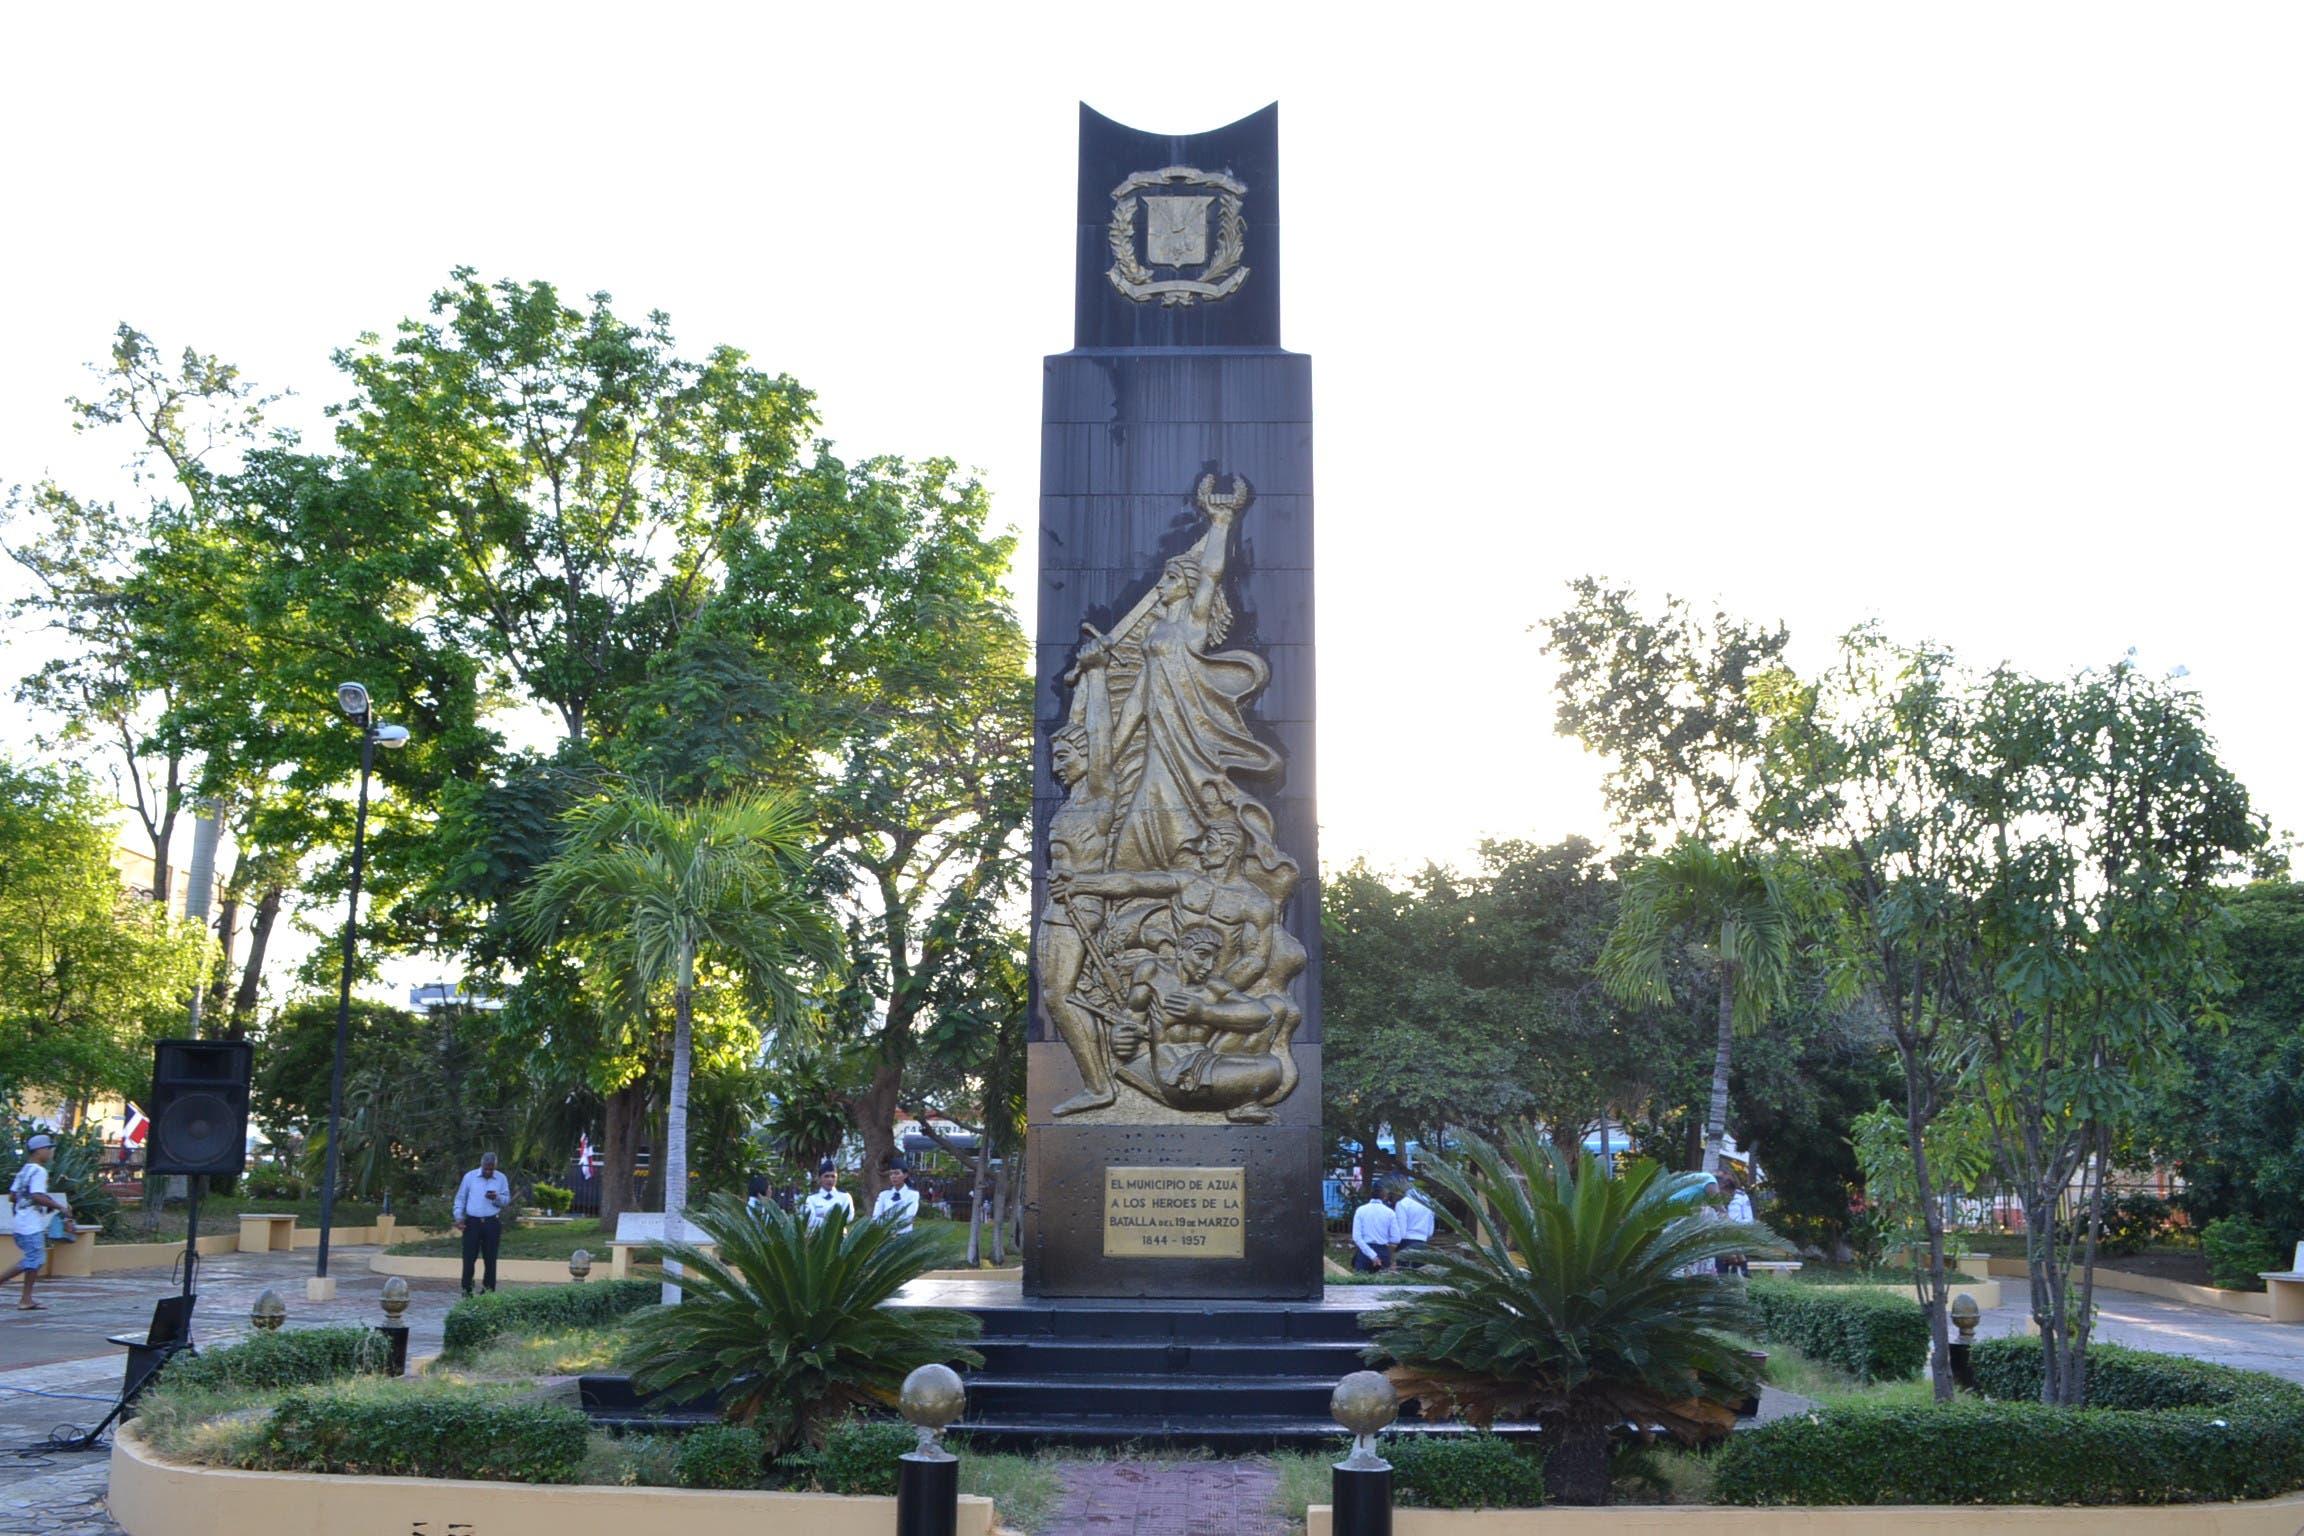 Efemérides Patrias organiza actos 175 aniversario de la Batalla del 19 de Marzo en Azua